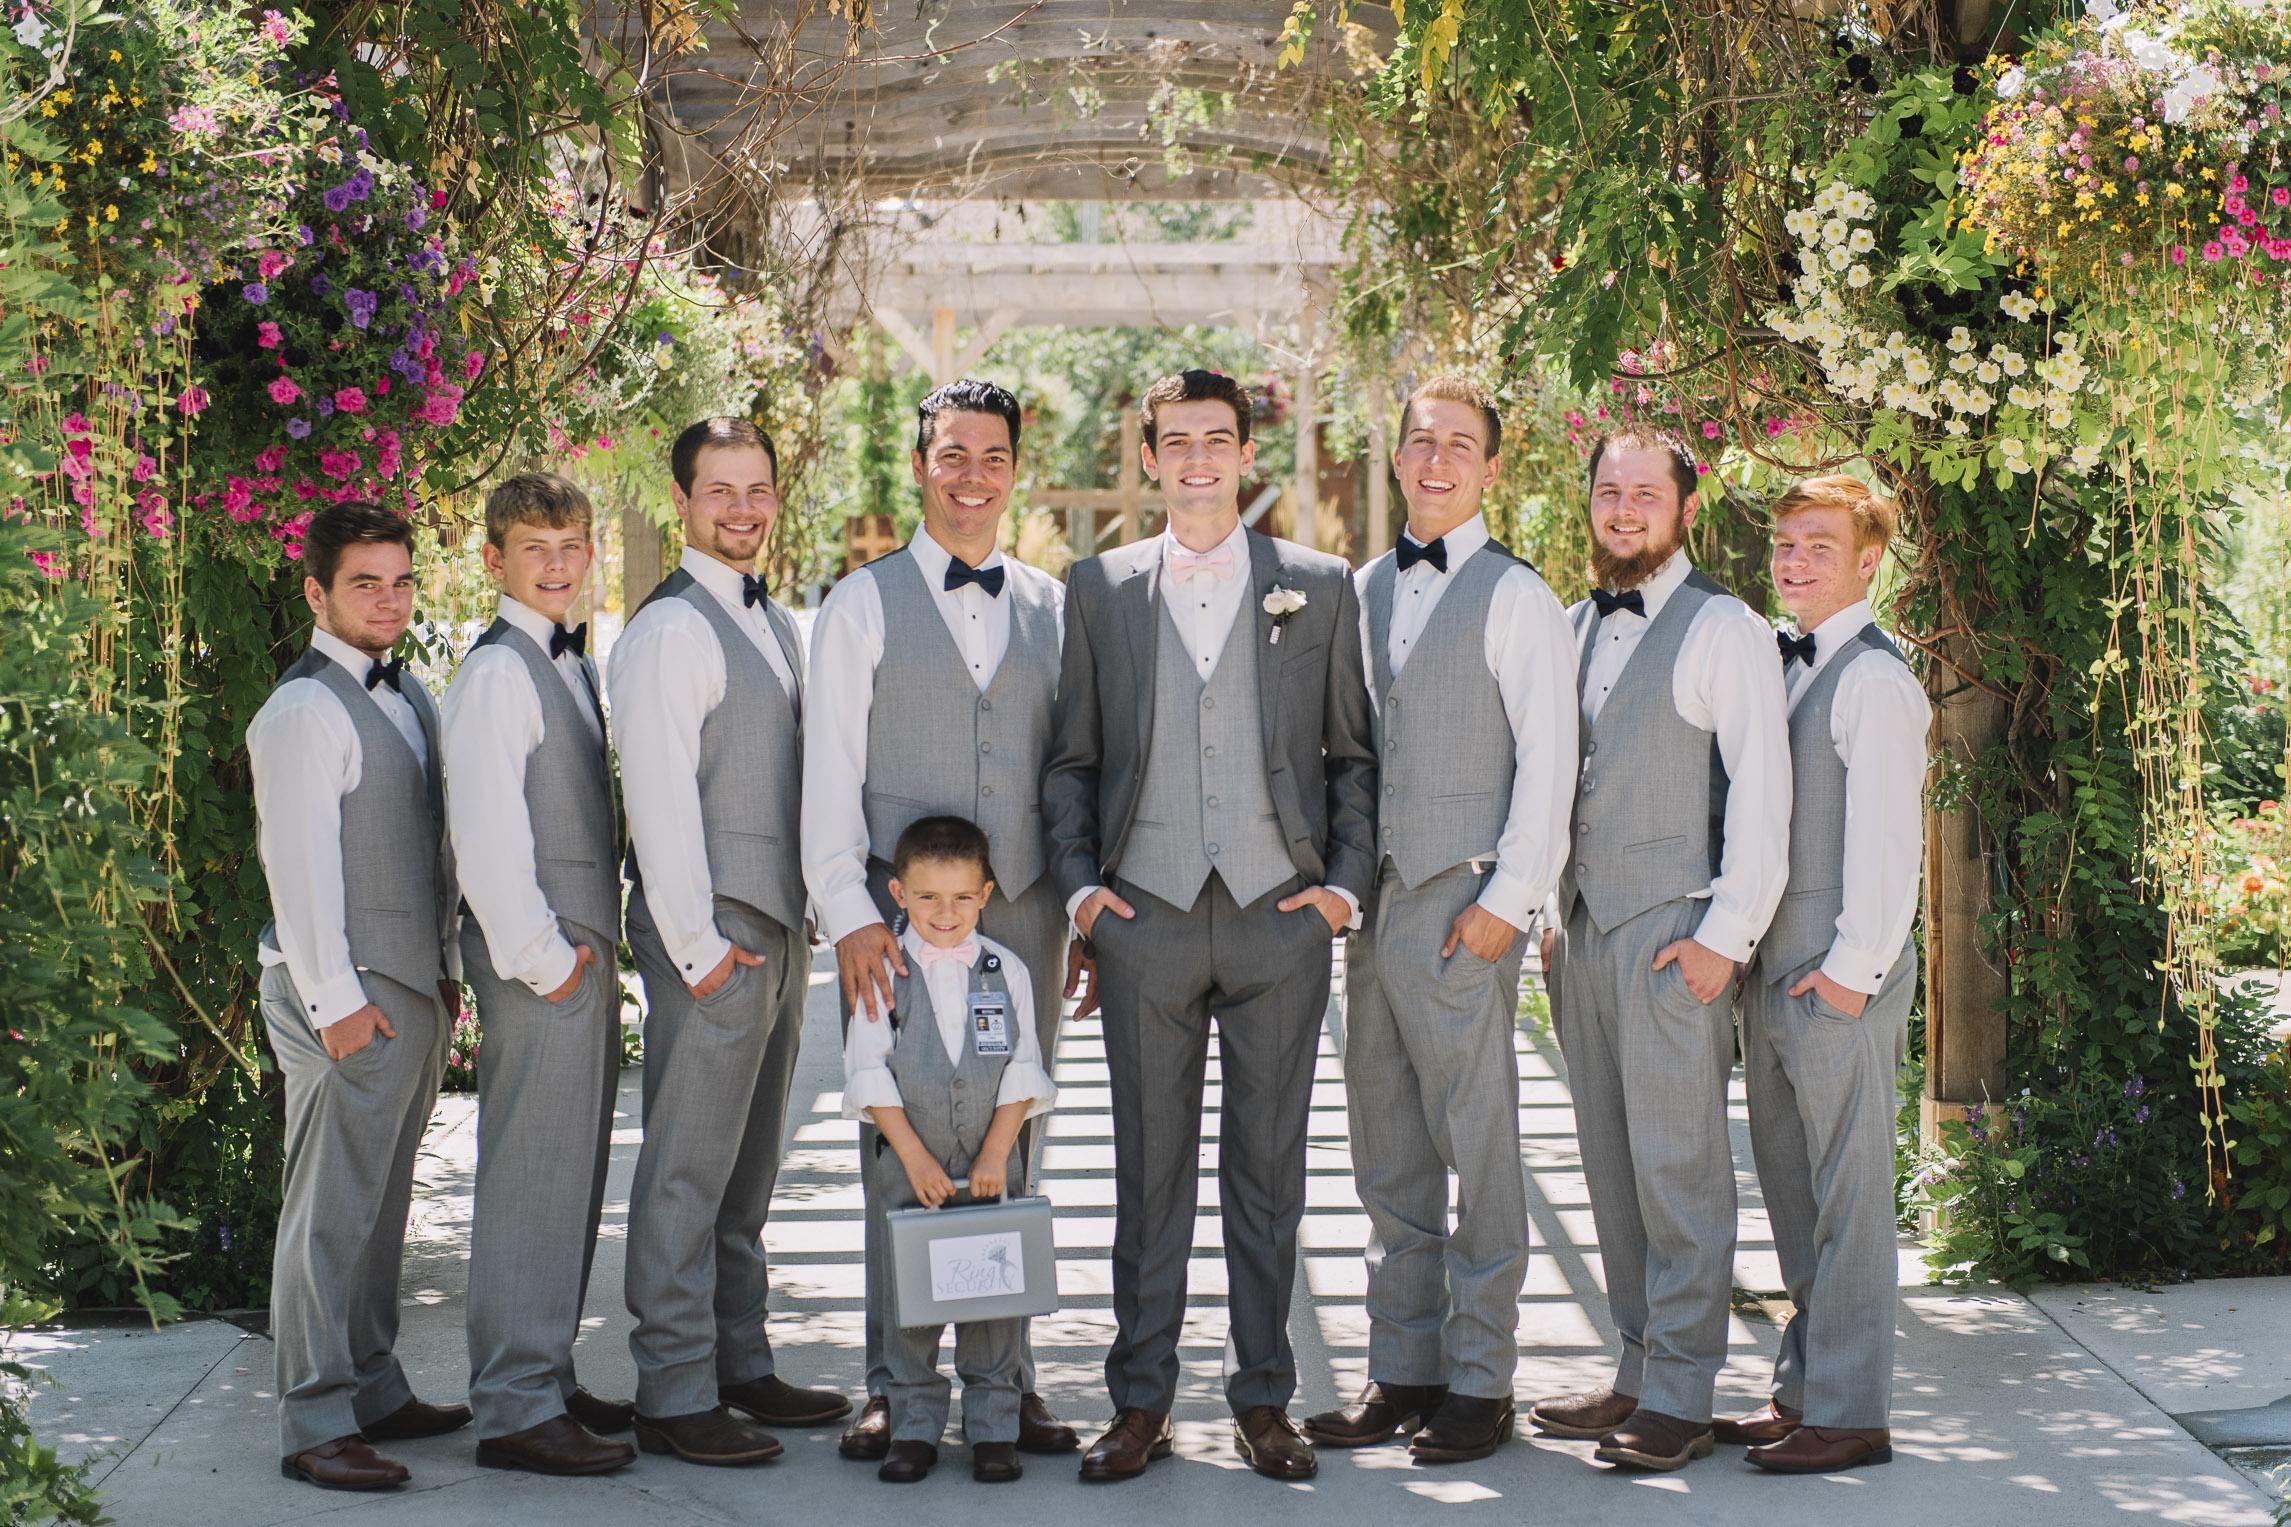 web sized images -- no to print --CALVIN & MCKYLEY WEDDING PHOTOS - COLORADO PHOTOGRAPHER - DEBI RAE PHOTOGRAPHY-213.jpg